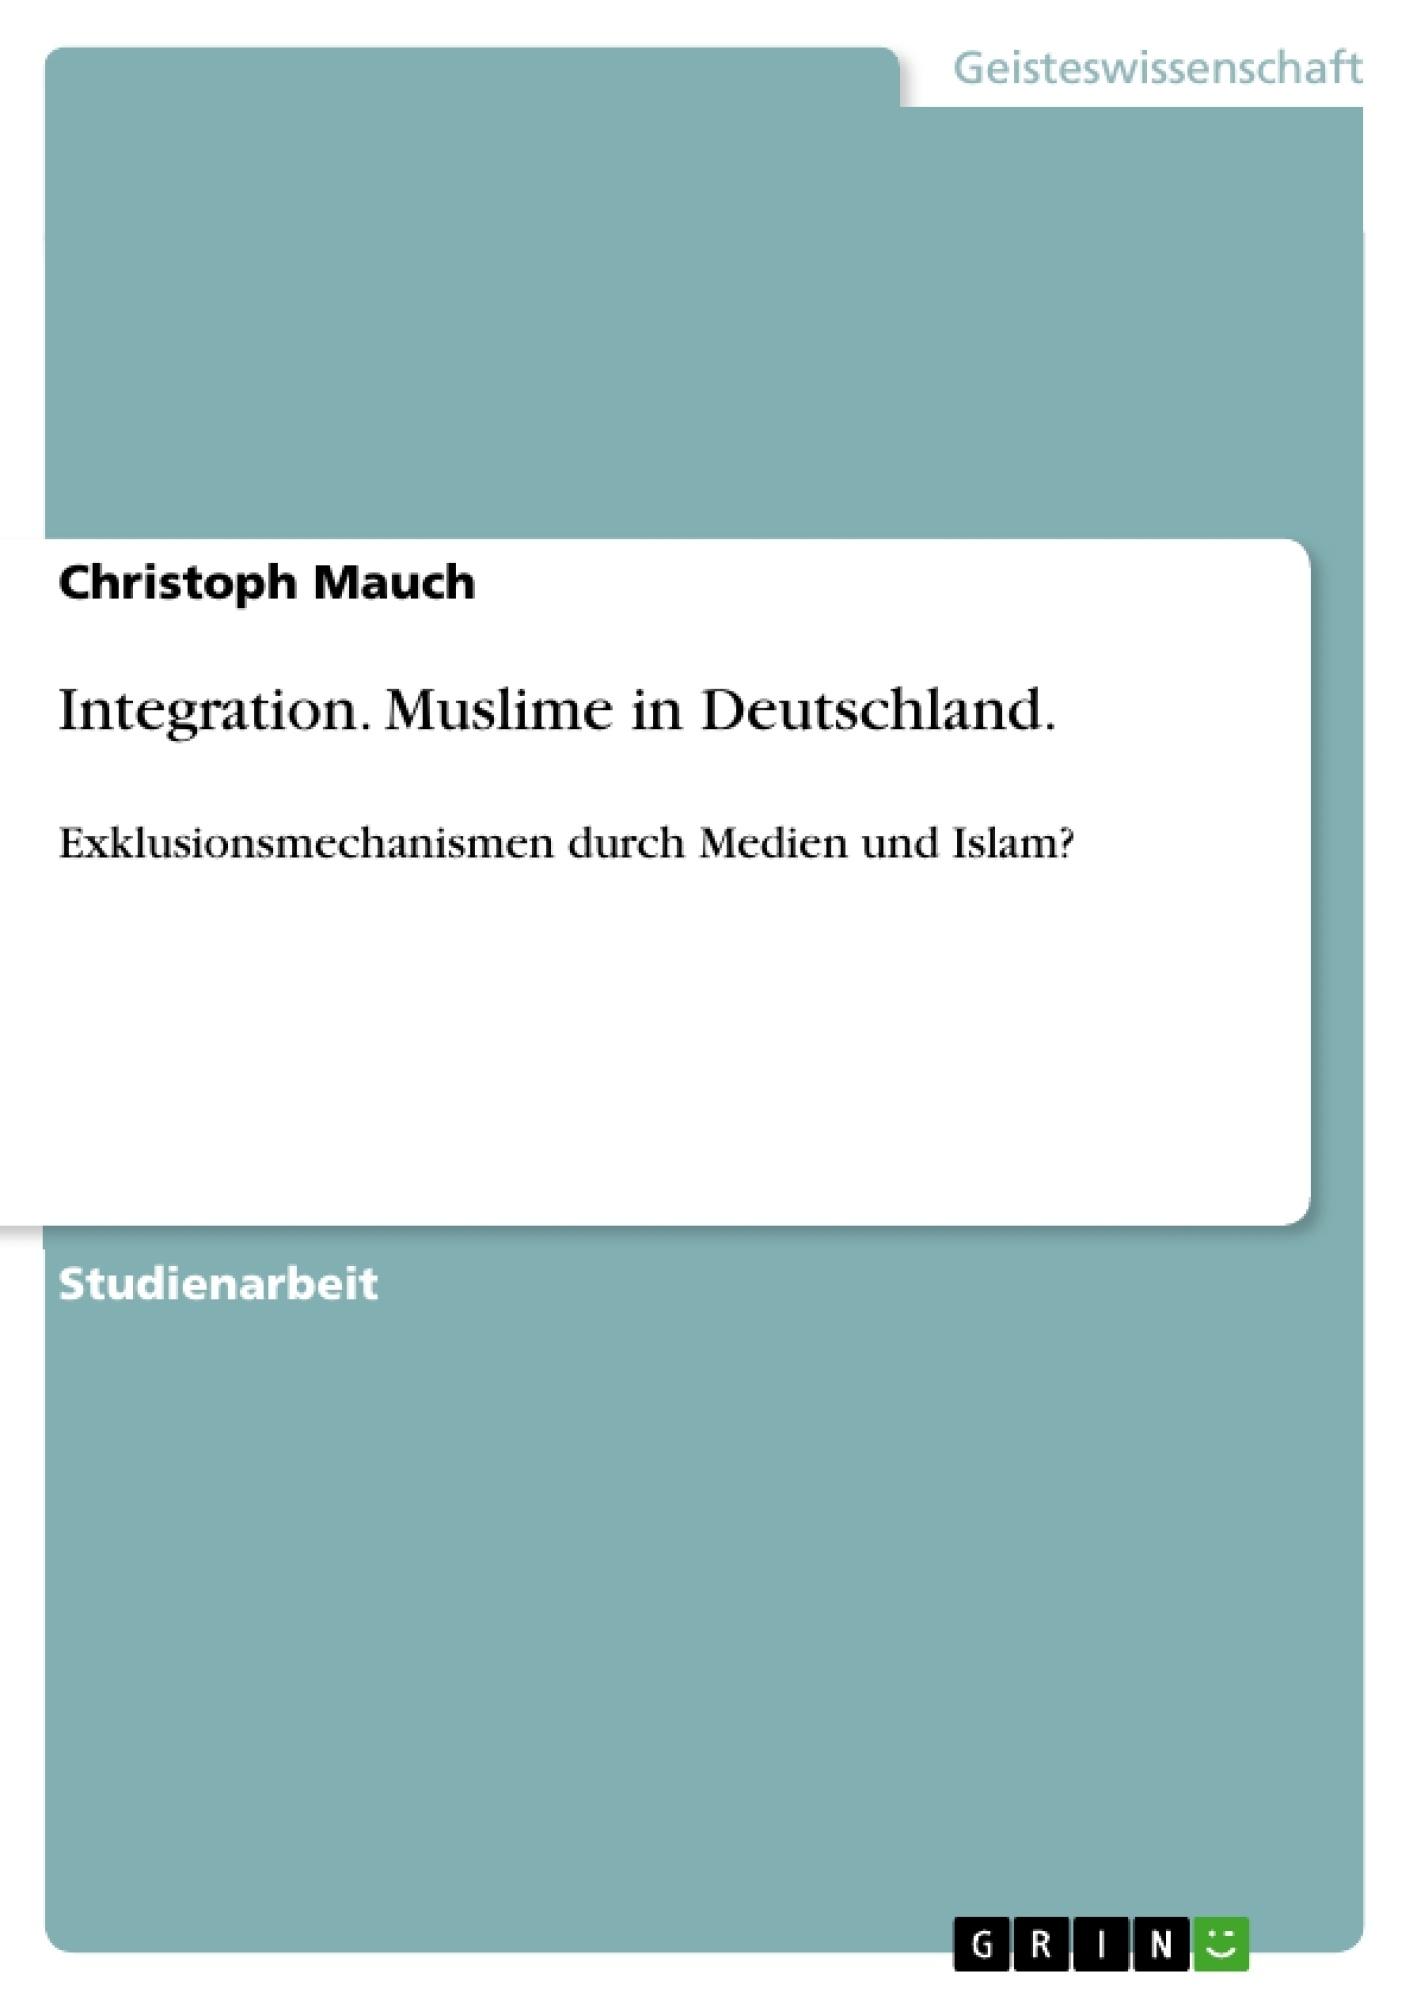 Titel: Integration. Muslime in Deutschland.